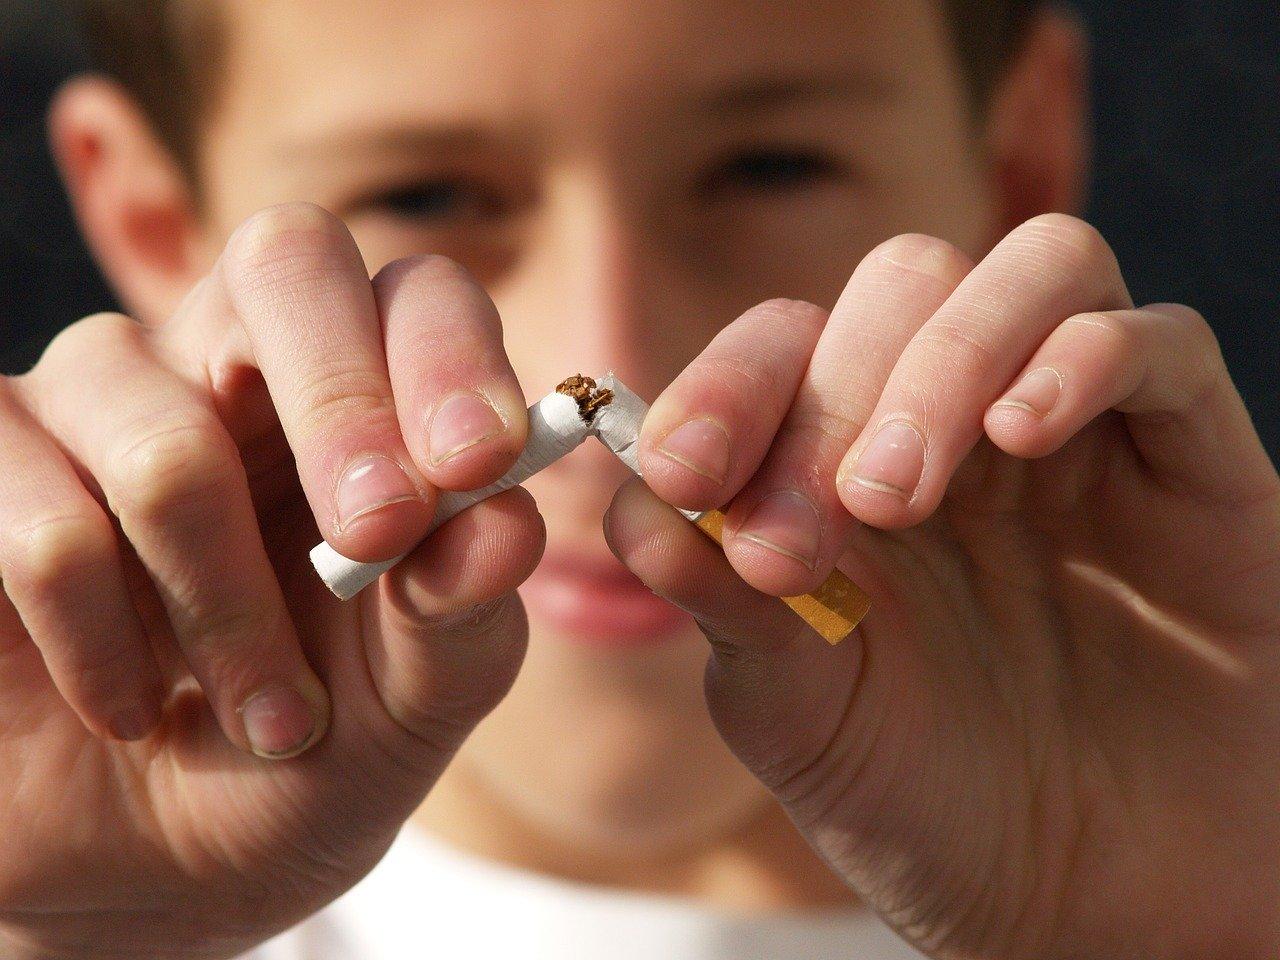 dejar fumar abandonar tabaco